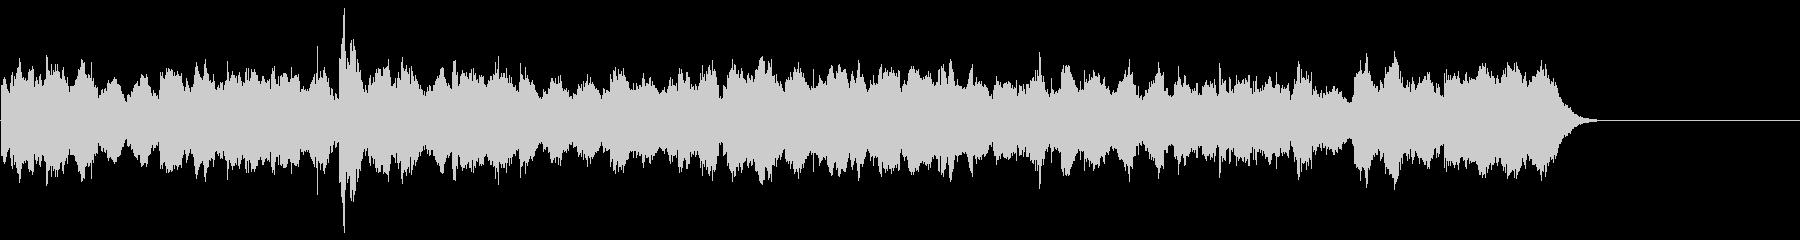 ウエディング、セレモニーに使えるオルガンの未再生の波形